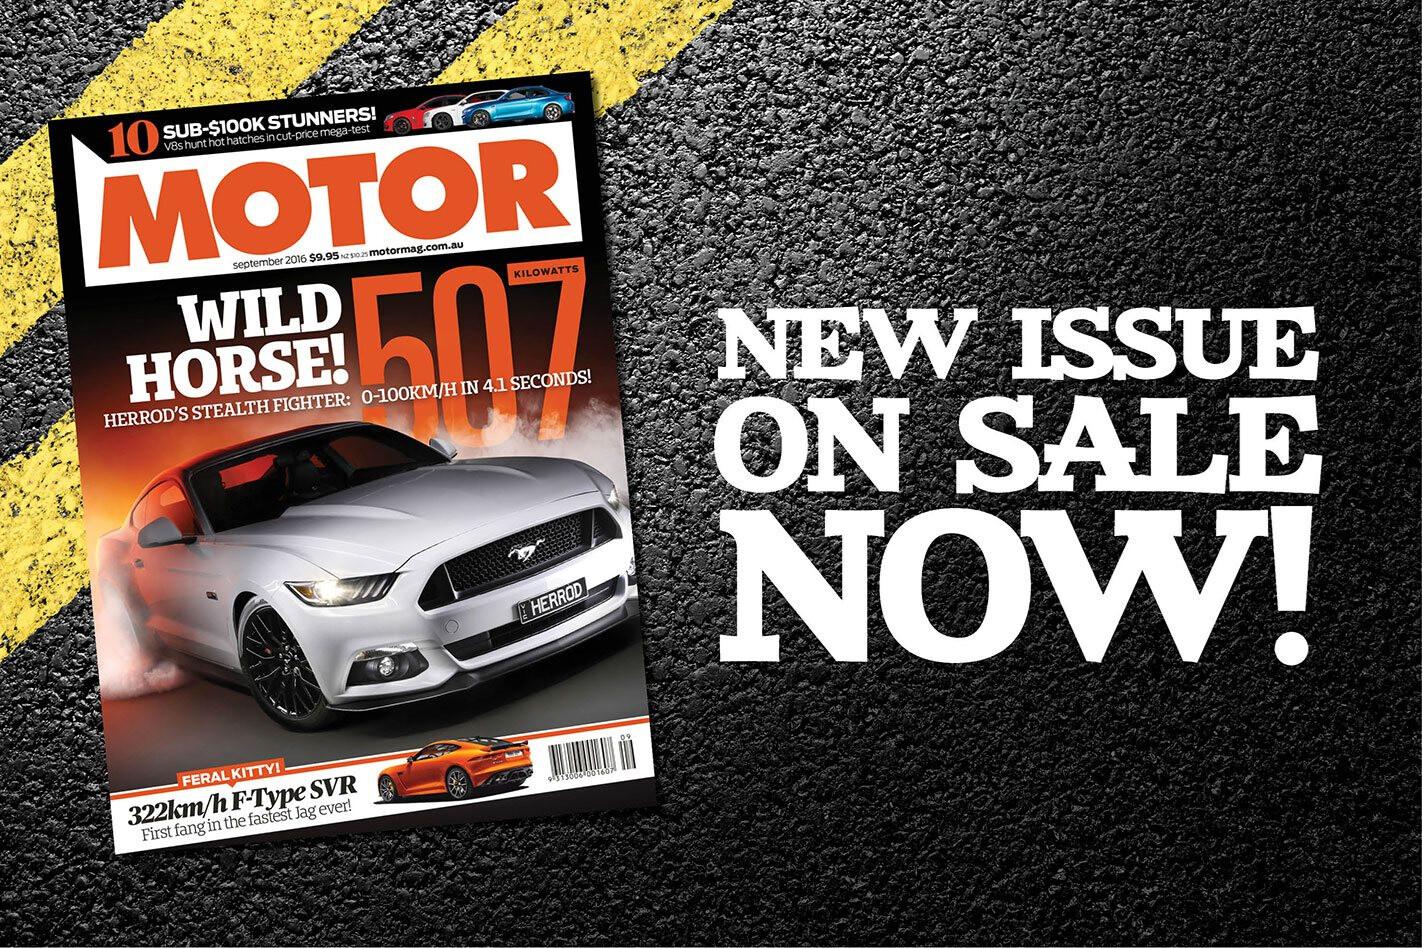 MOTOR September issue preview